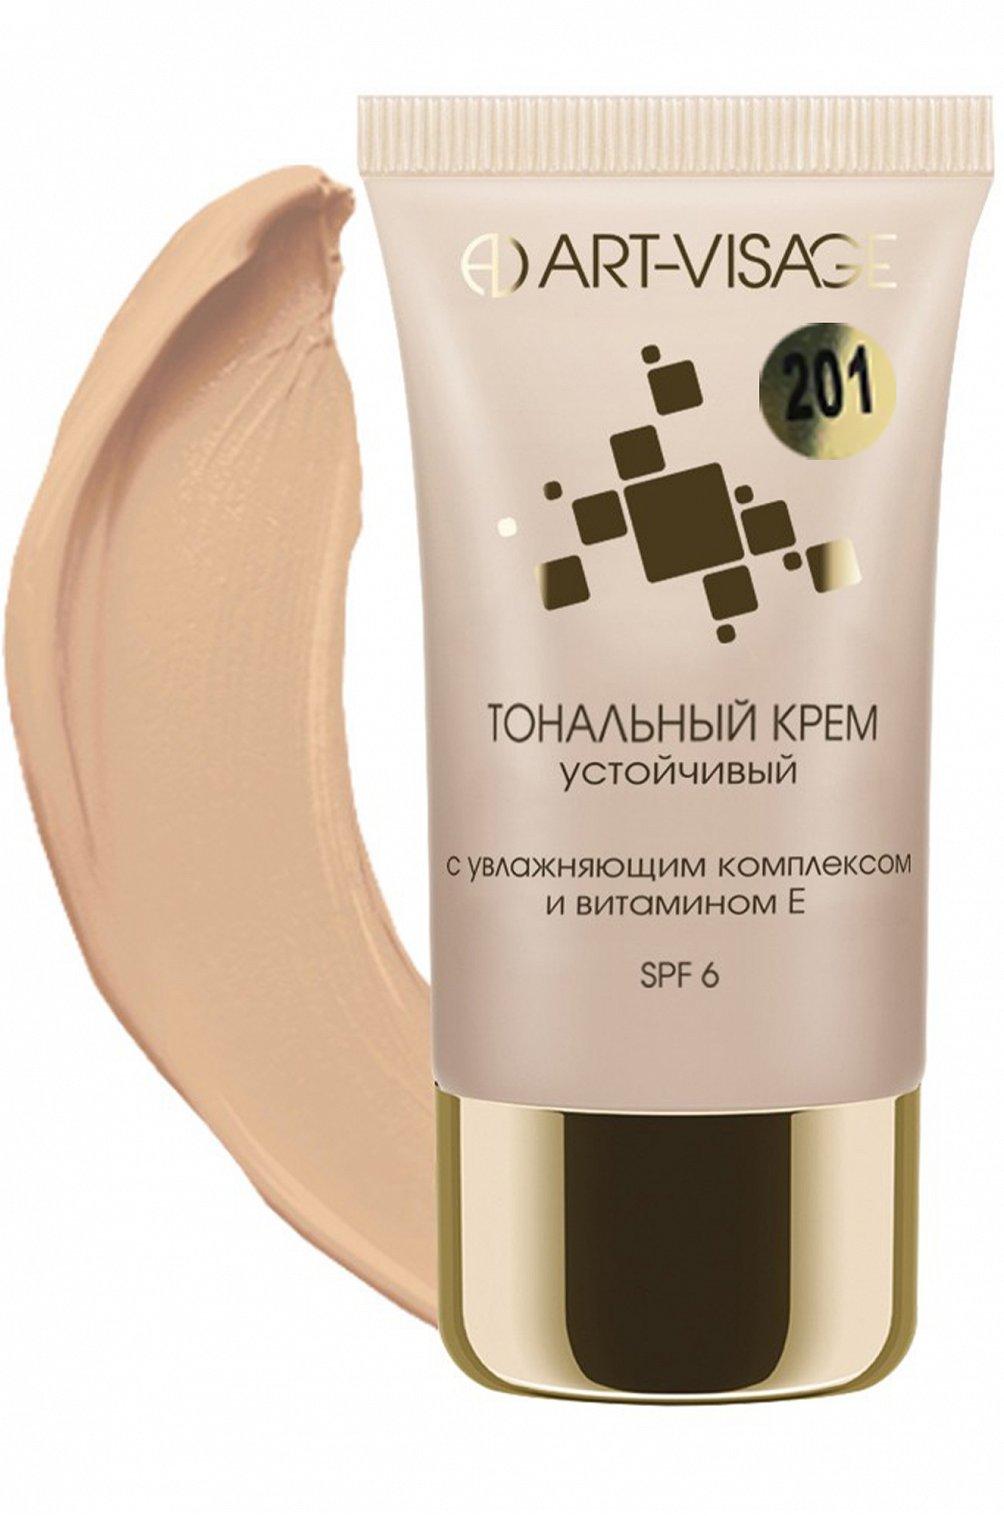 Косметика art visage купит в москве мужские духи эйвон